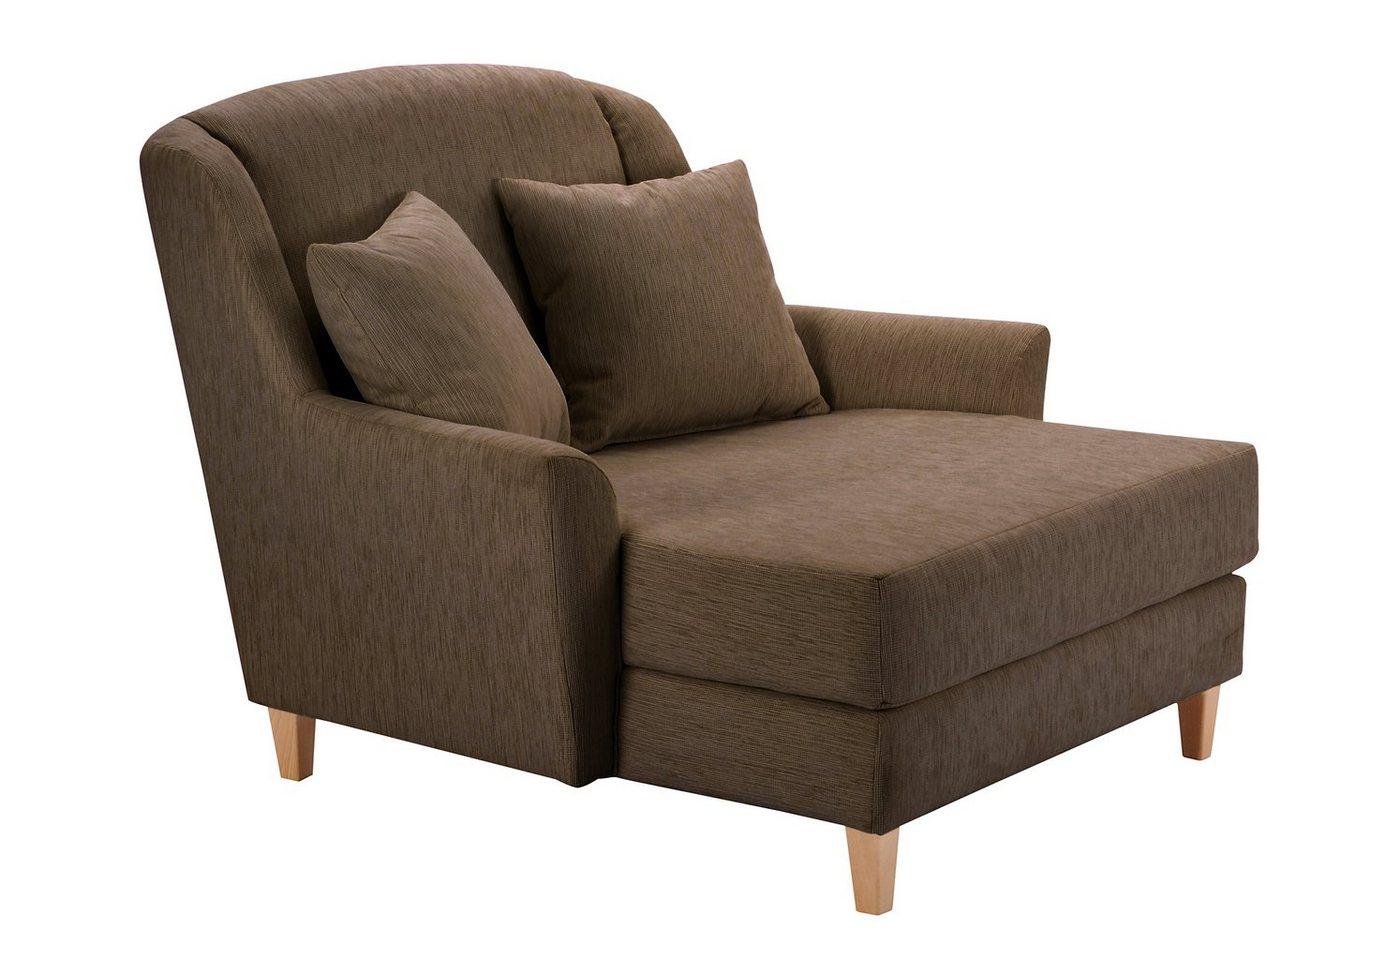 MAX WINZER® XXL-fauteuil Julia, structuur, met naturelkleurige houten poten